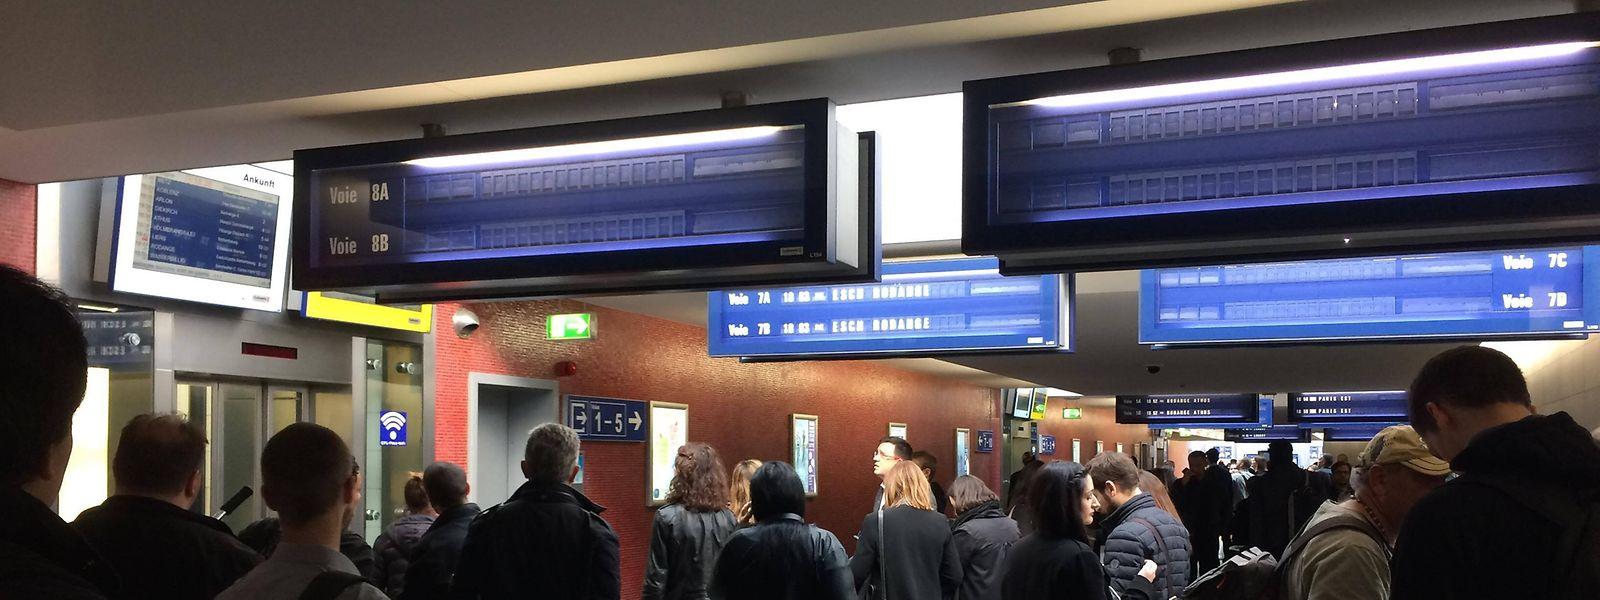 Les voyageurs ne disposent que de très peu de trains entre Metz et Luxembourg depuis maintenant une semaine.